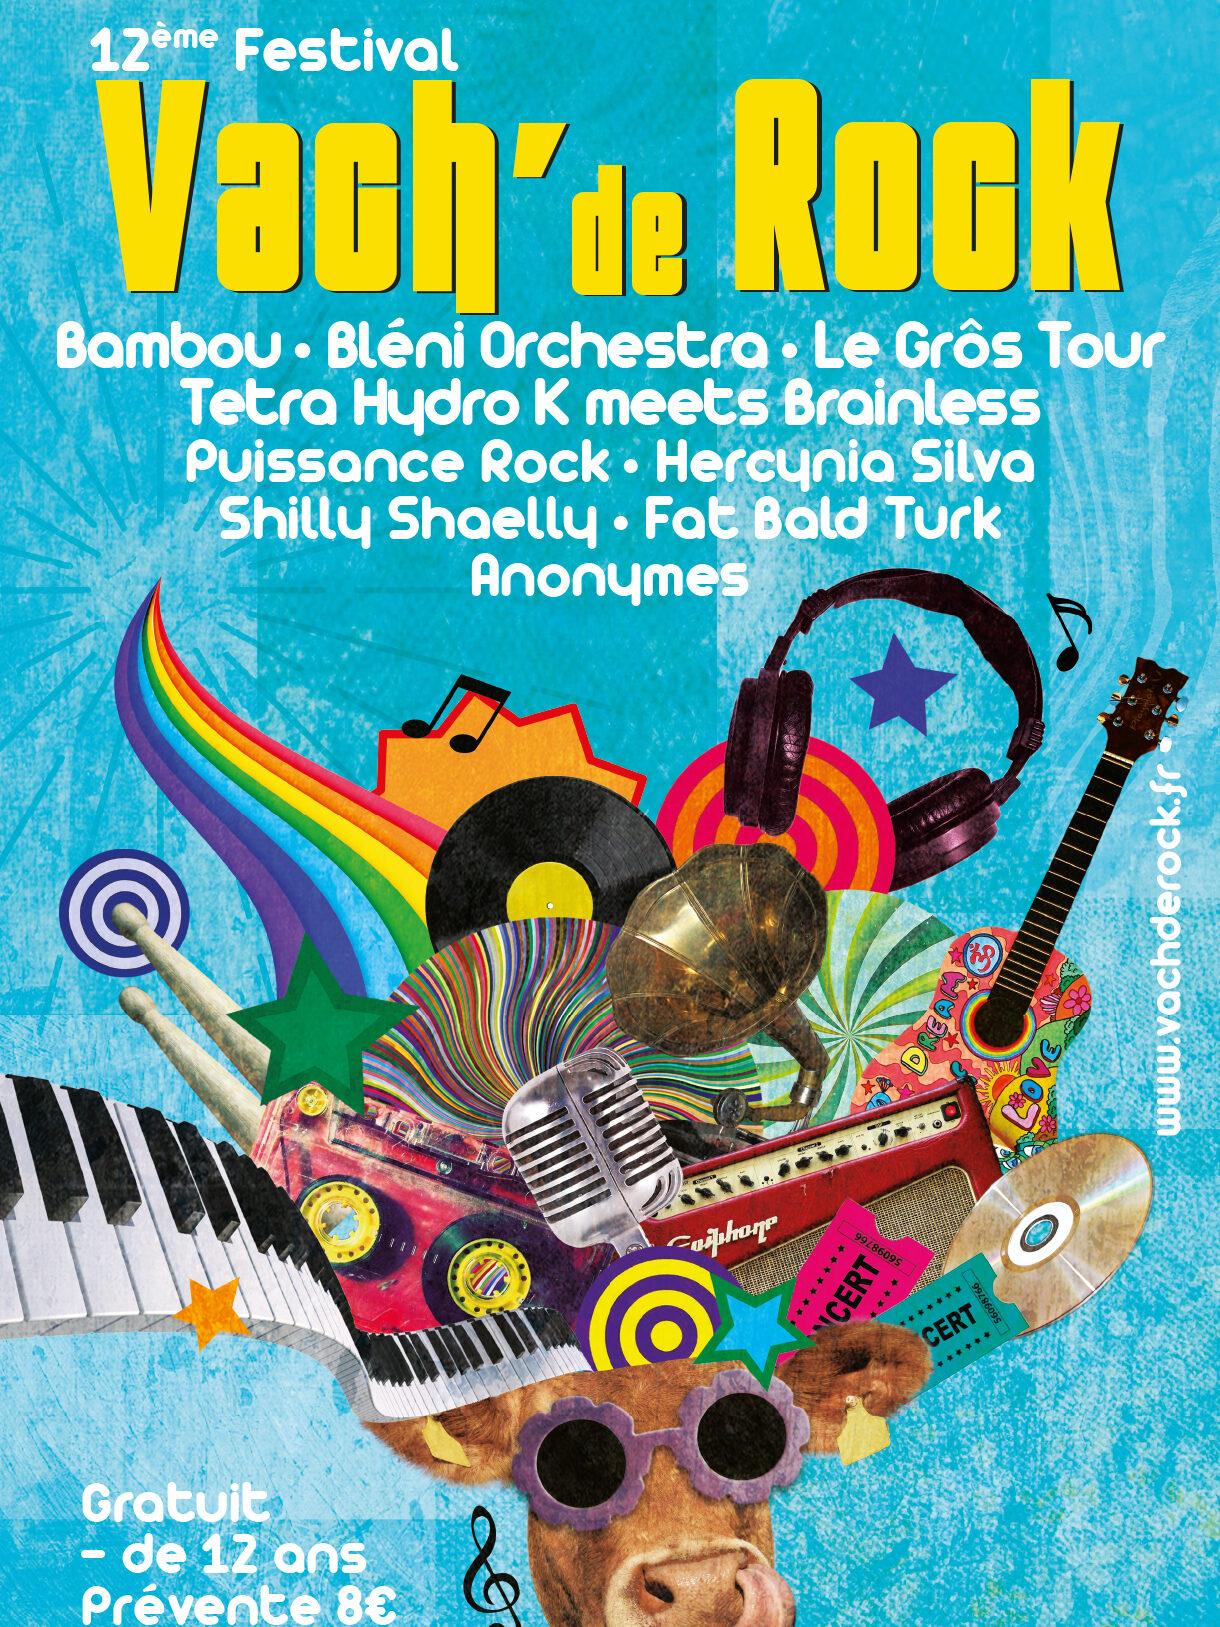 Affiche de l'évènement Festival Vach' de Rock